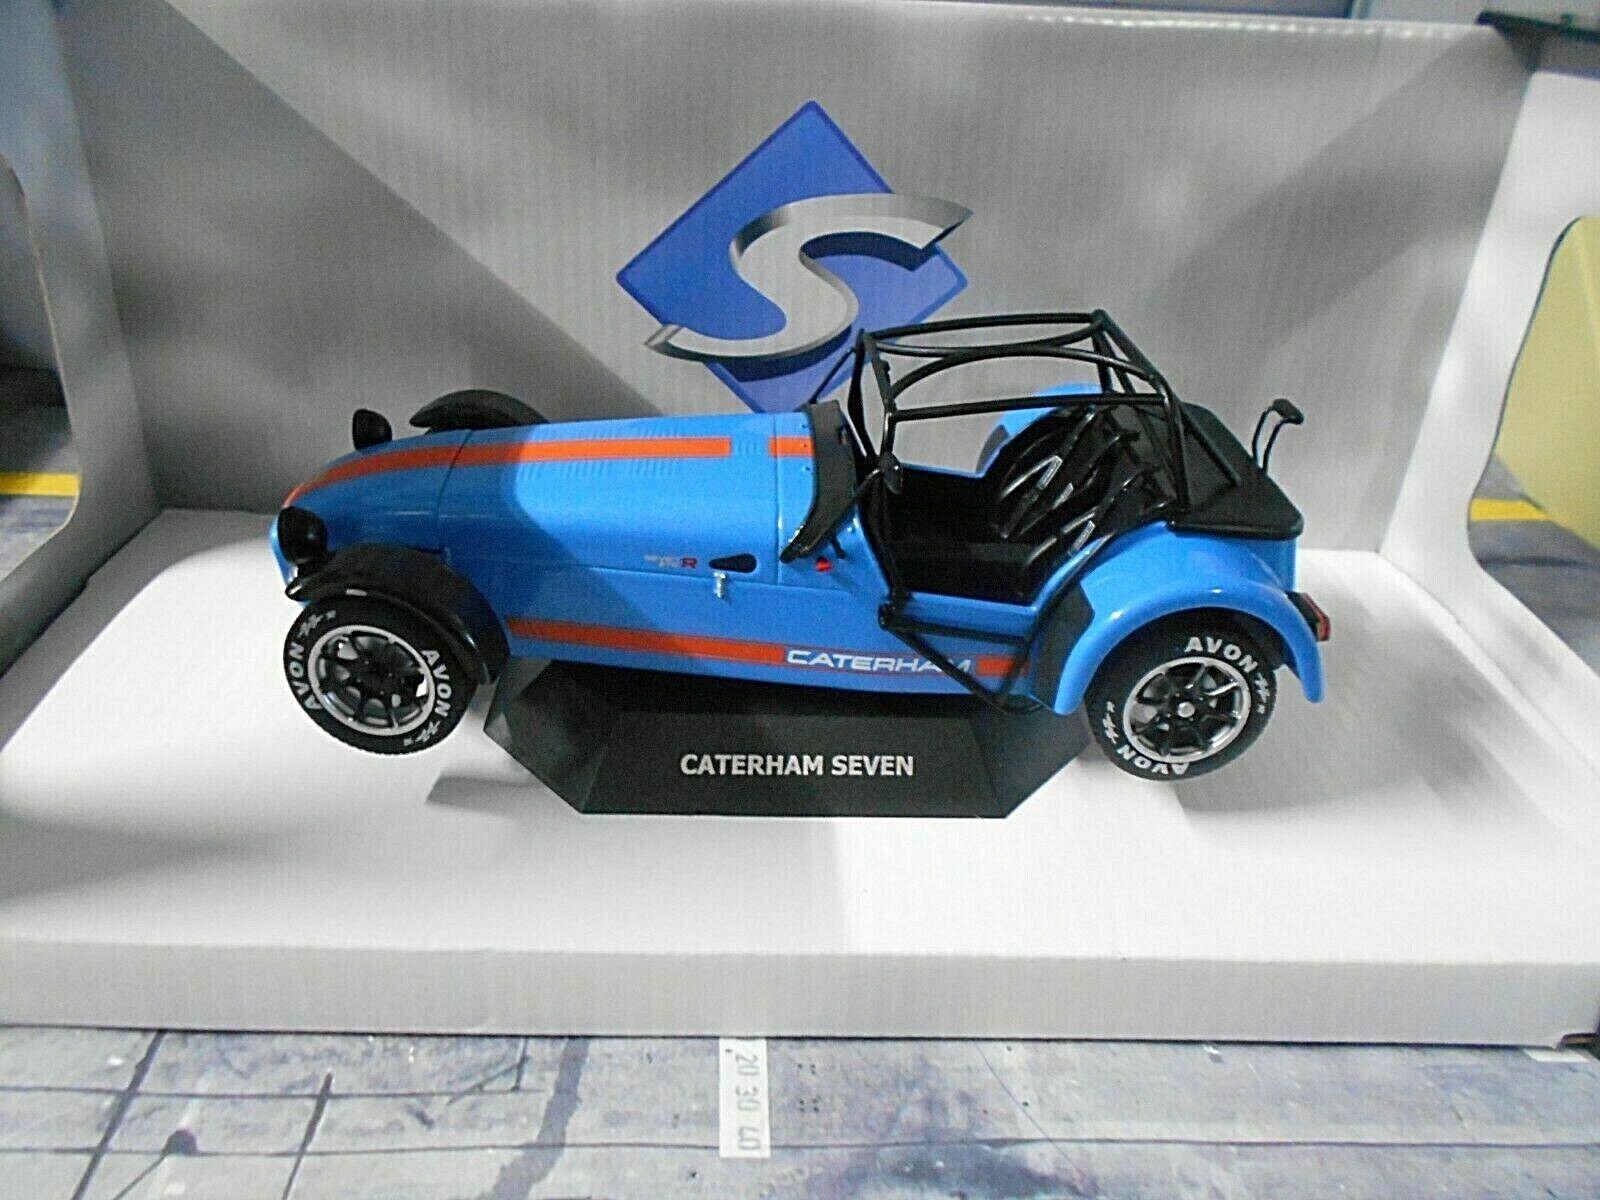 Caterham Seven avademy 2014 Gulf Bleu bleu ROADSTER SOLIDO métal neuf 1 18